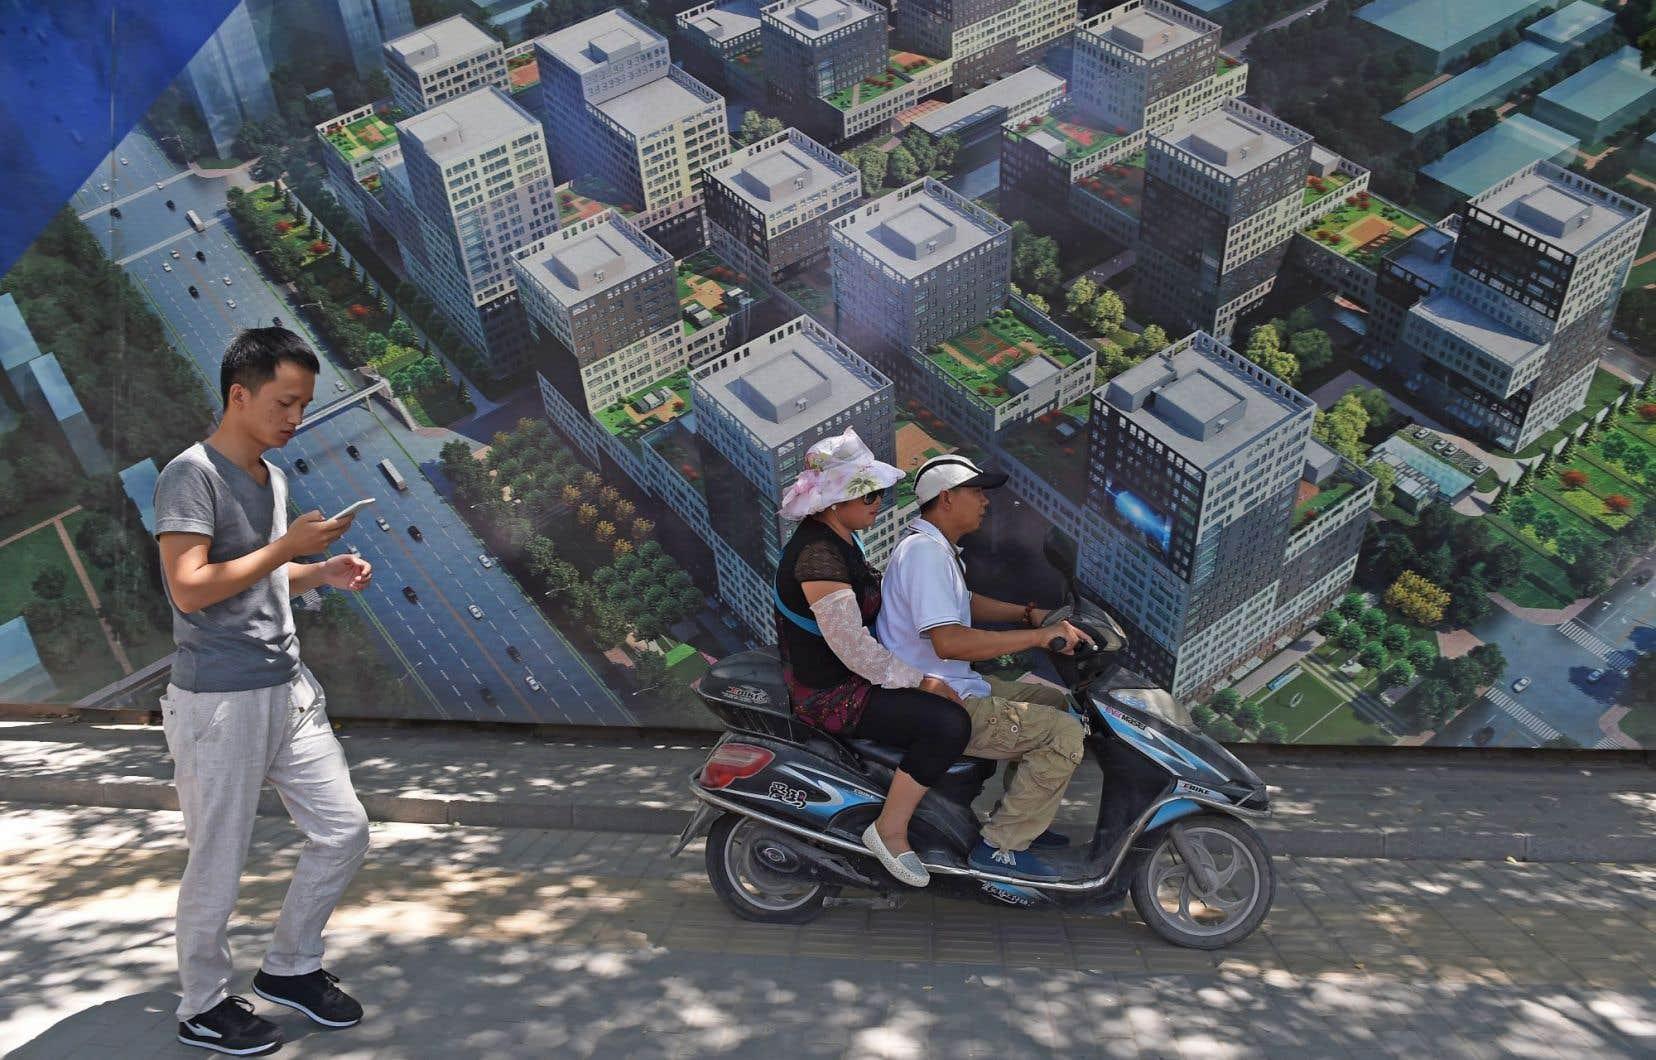 Une des nombreuses affiches faisant la promotion d'un développement immobilier que l'on peut voir en circulant dans Pékin.